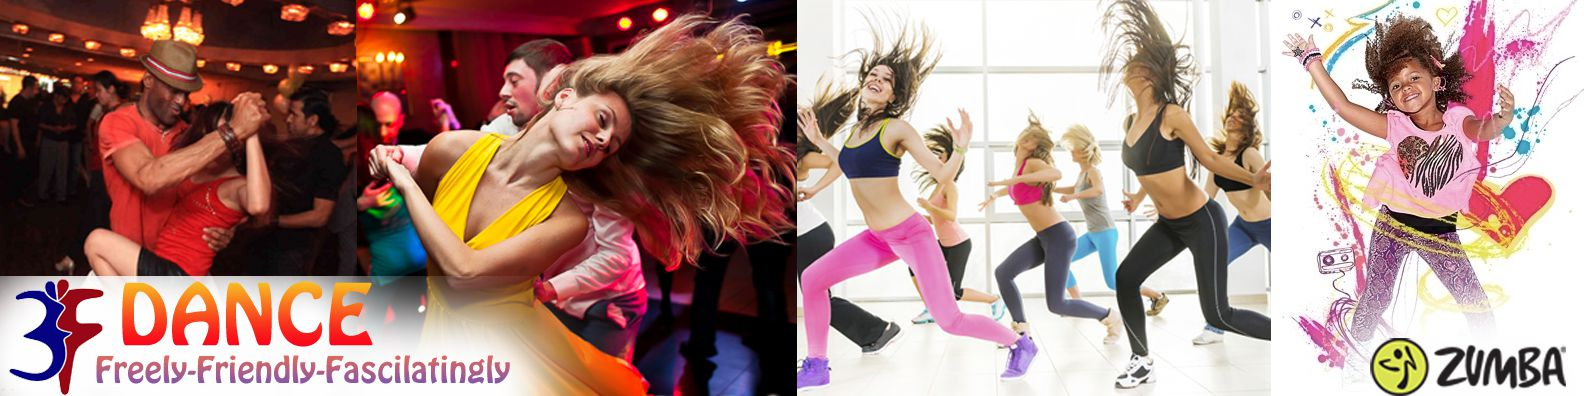 3f-dance-hai-phong-lop-tap-giam-can-zumba-fitness-zumba-kids-kid-cho-tre-khieu-vu-giao-tiep-salsa-bachata-kizomba-zouk-tot-nhat-hien-nay-3